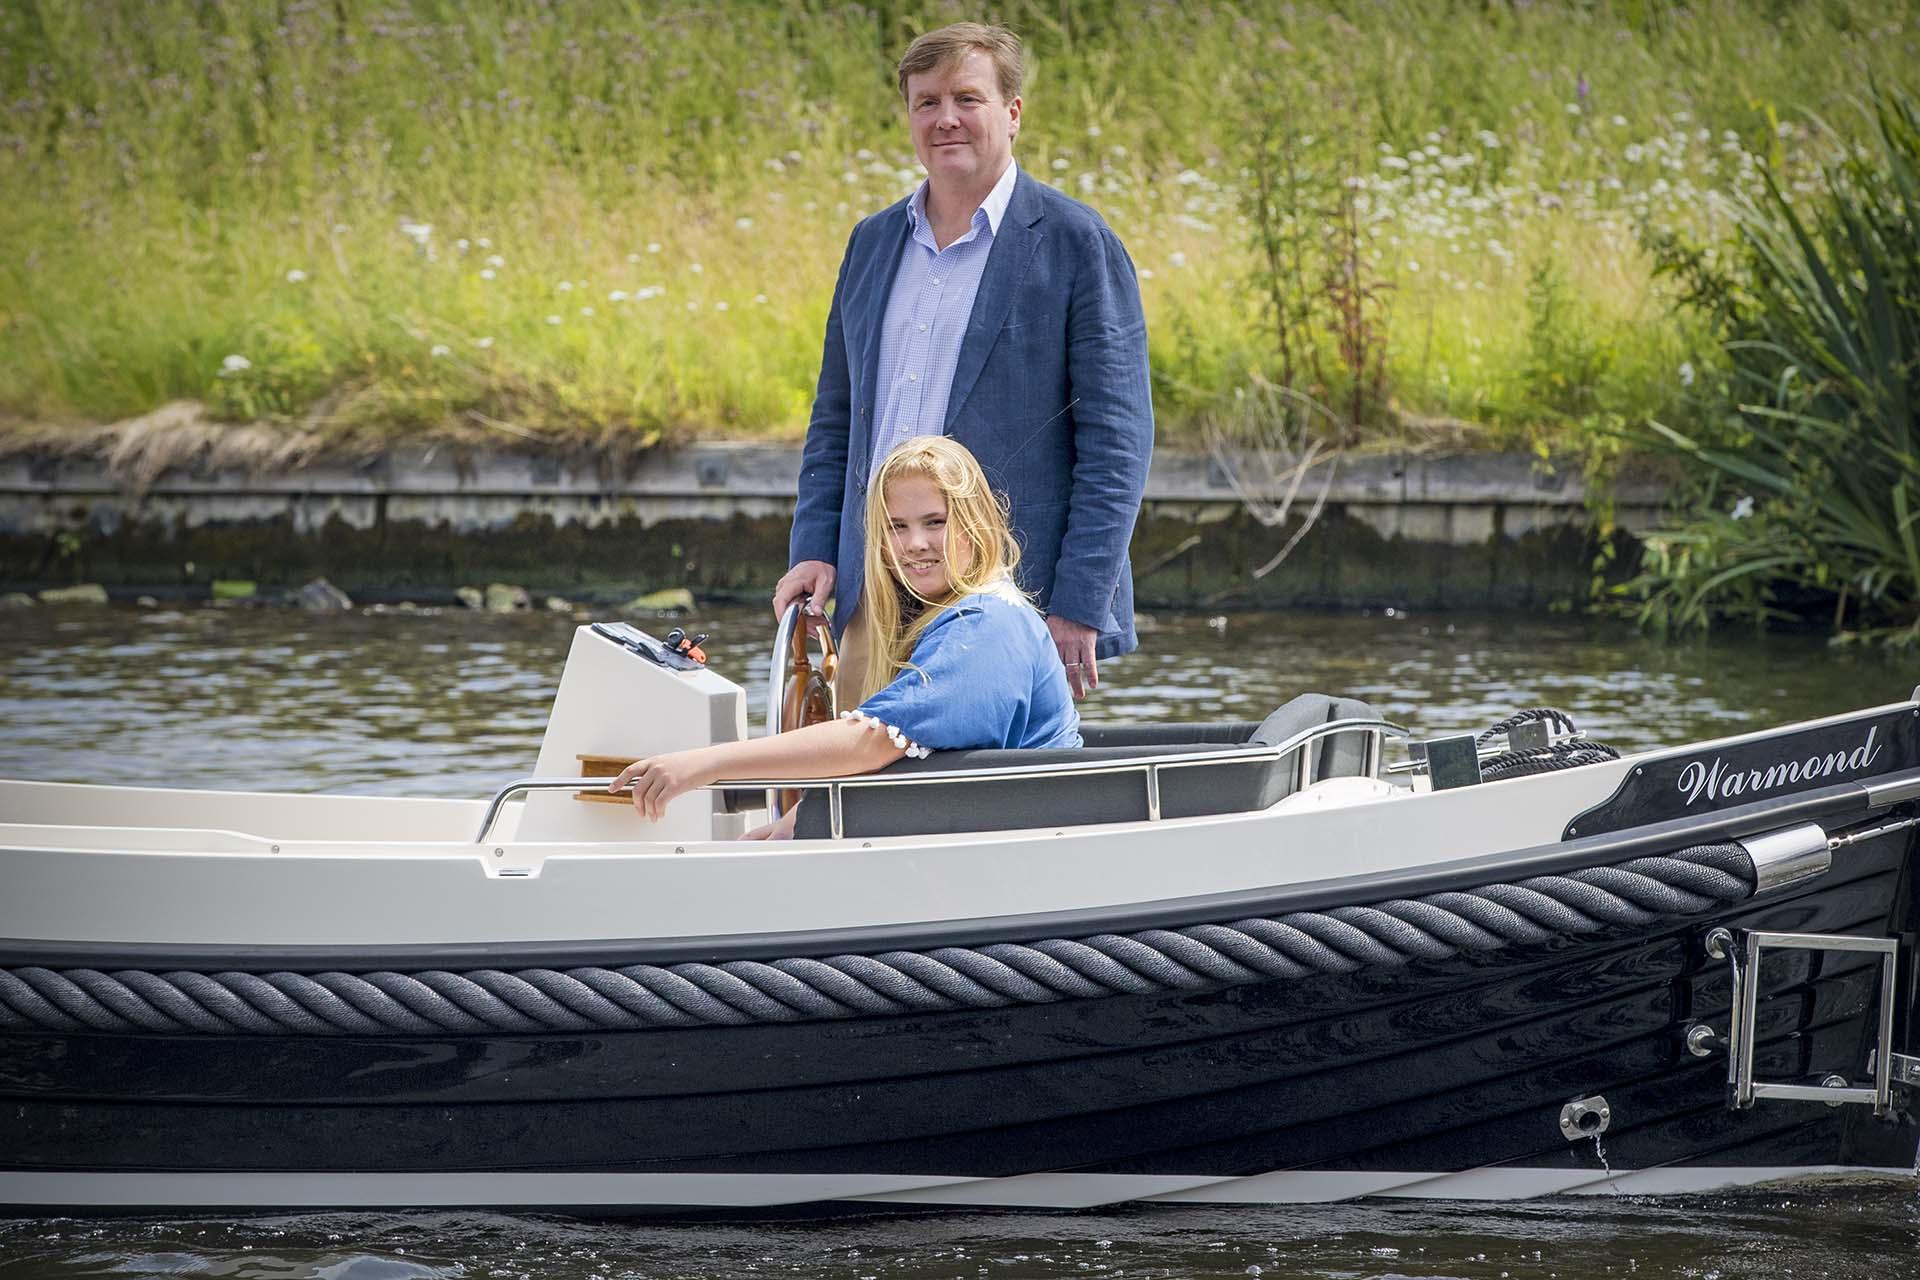 El rey Guillermo navega junto a su hija mayor, la princesa Amalia, heredera al trono holandés